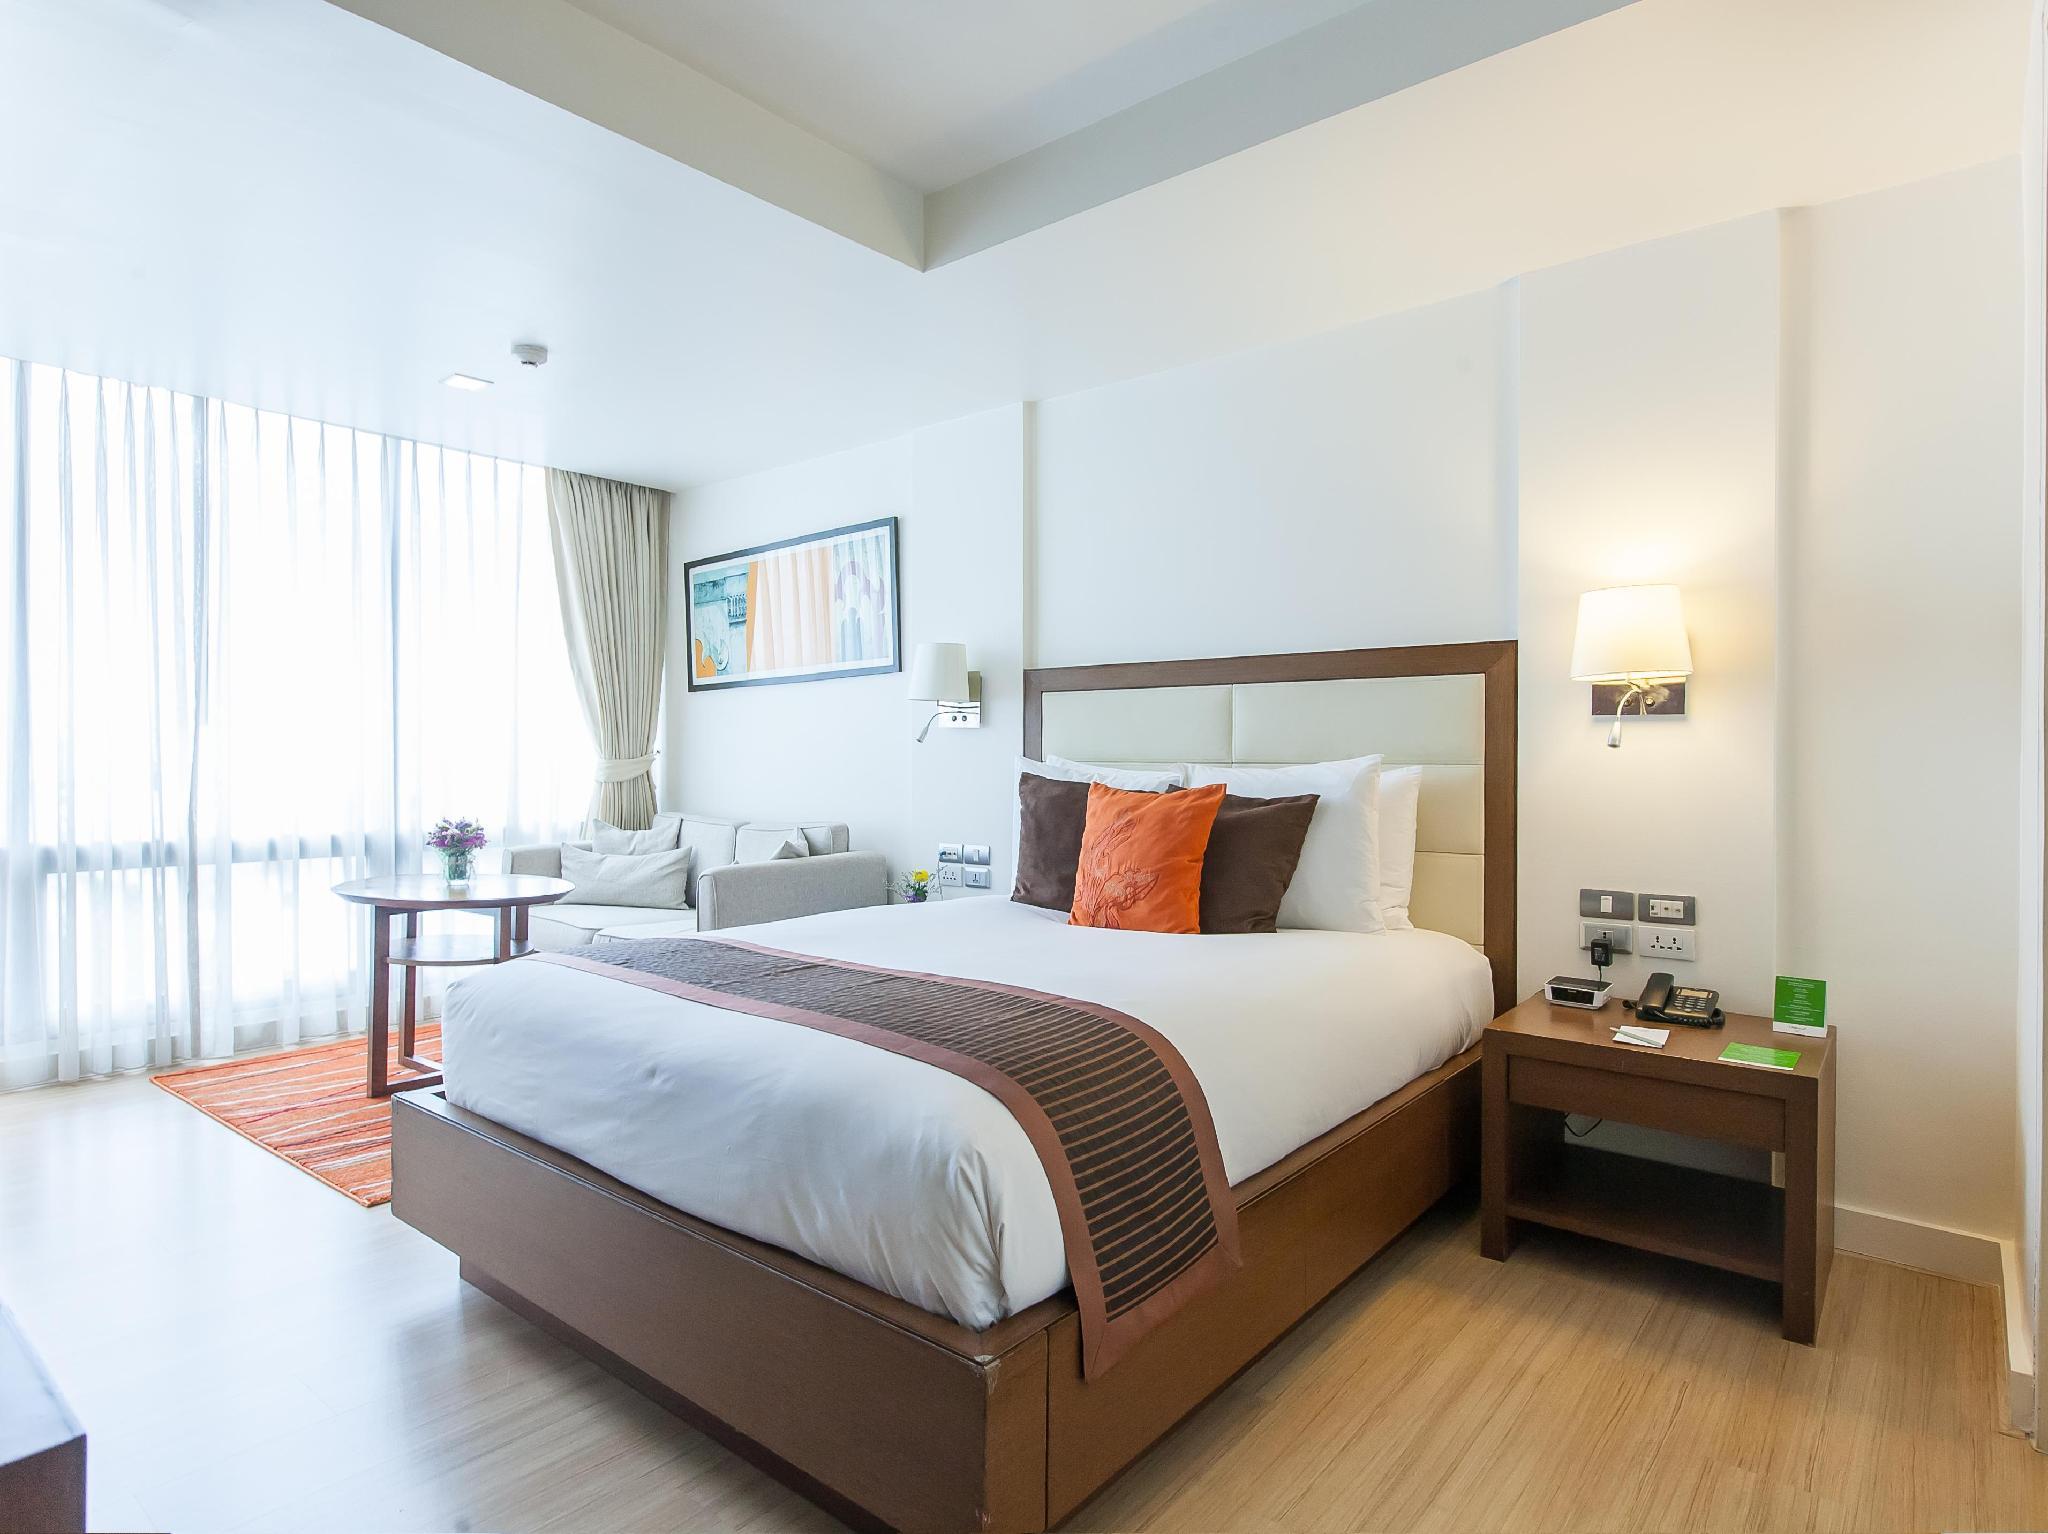 โรงแรมโอ๊ควู้ด เรสซิเดนซ์ สุขุมวิท 24